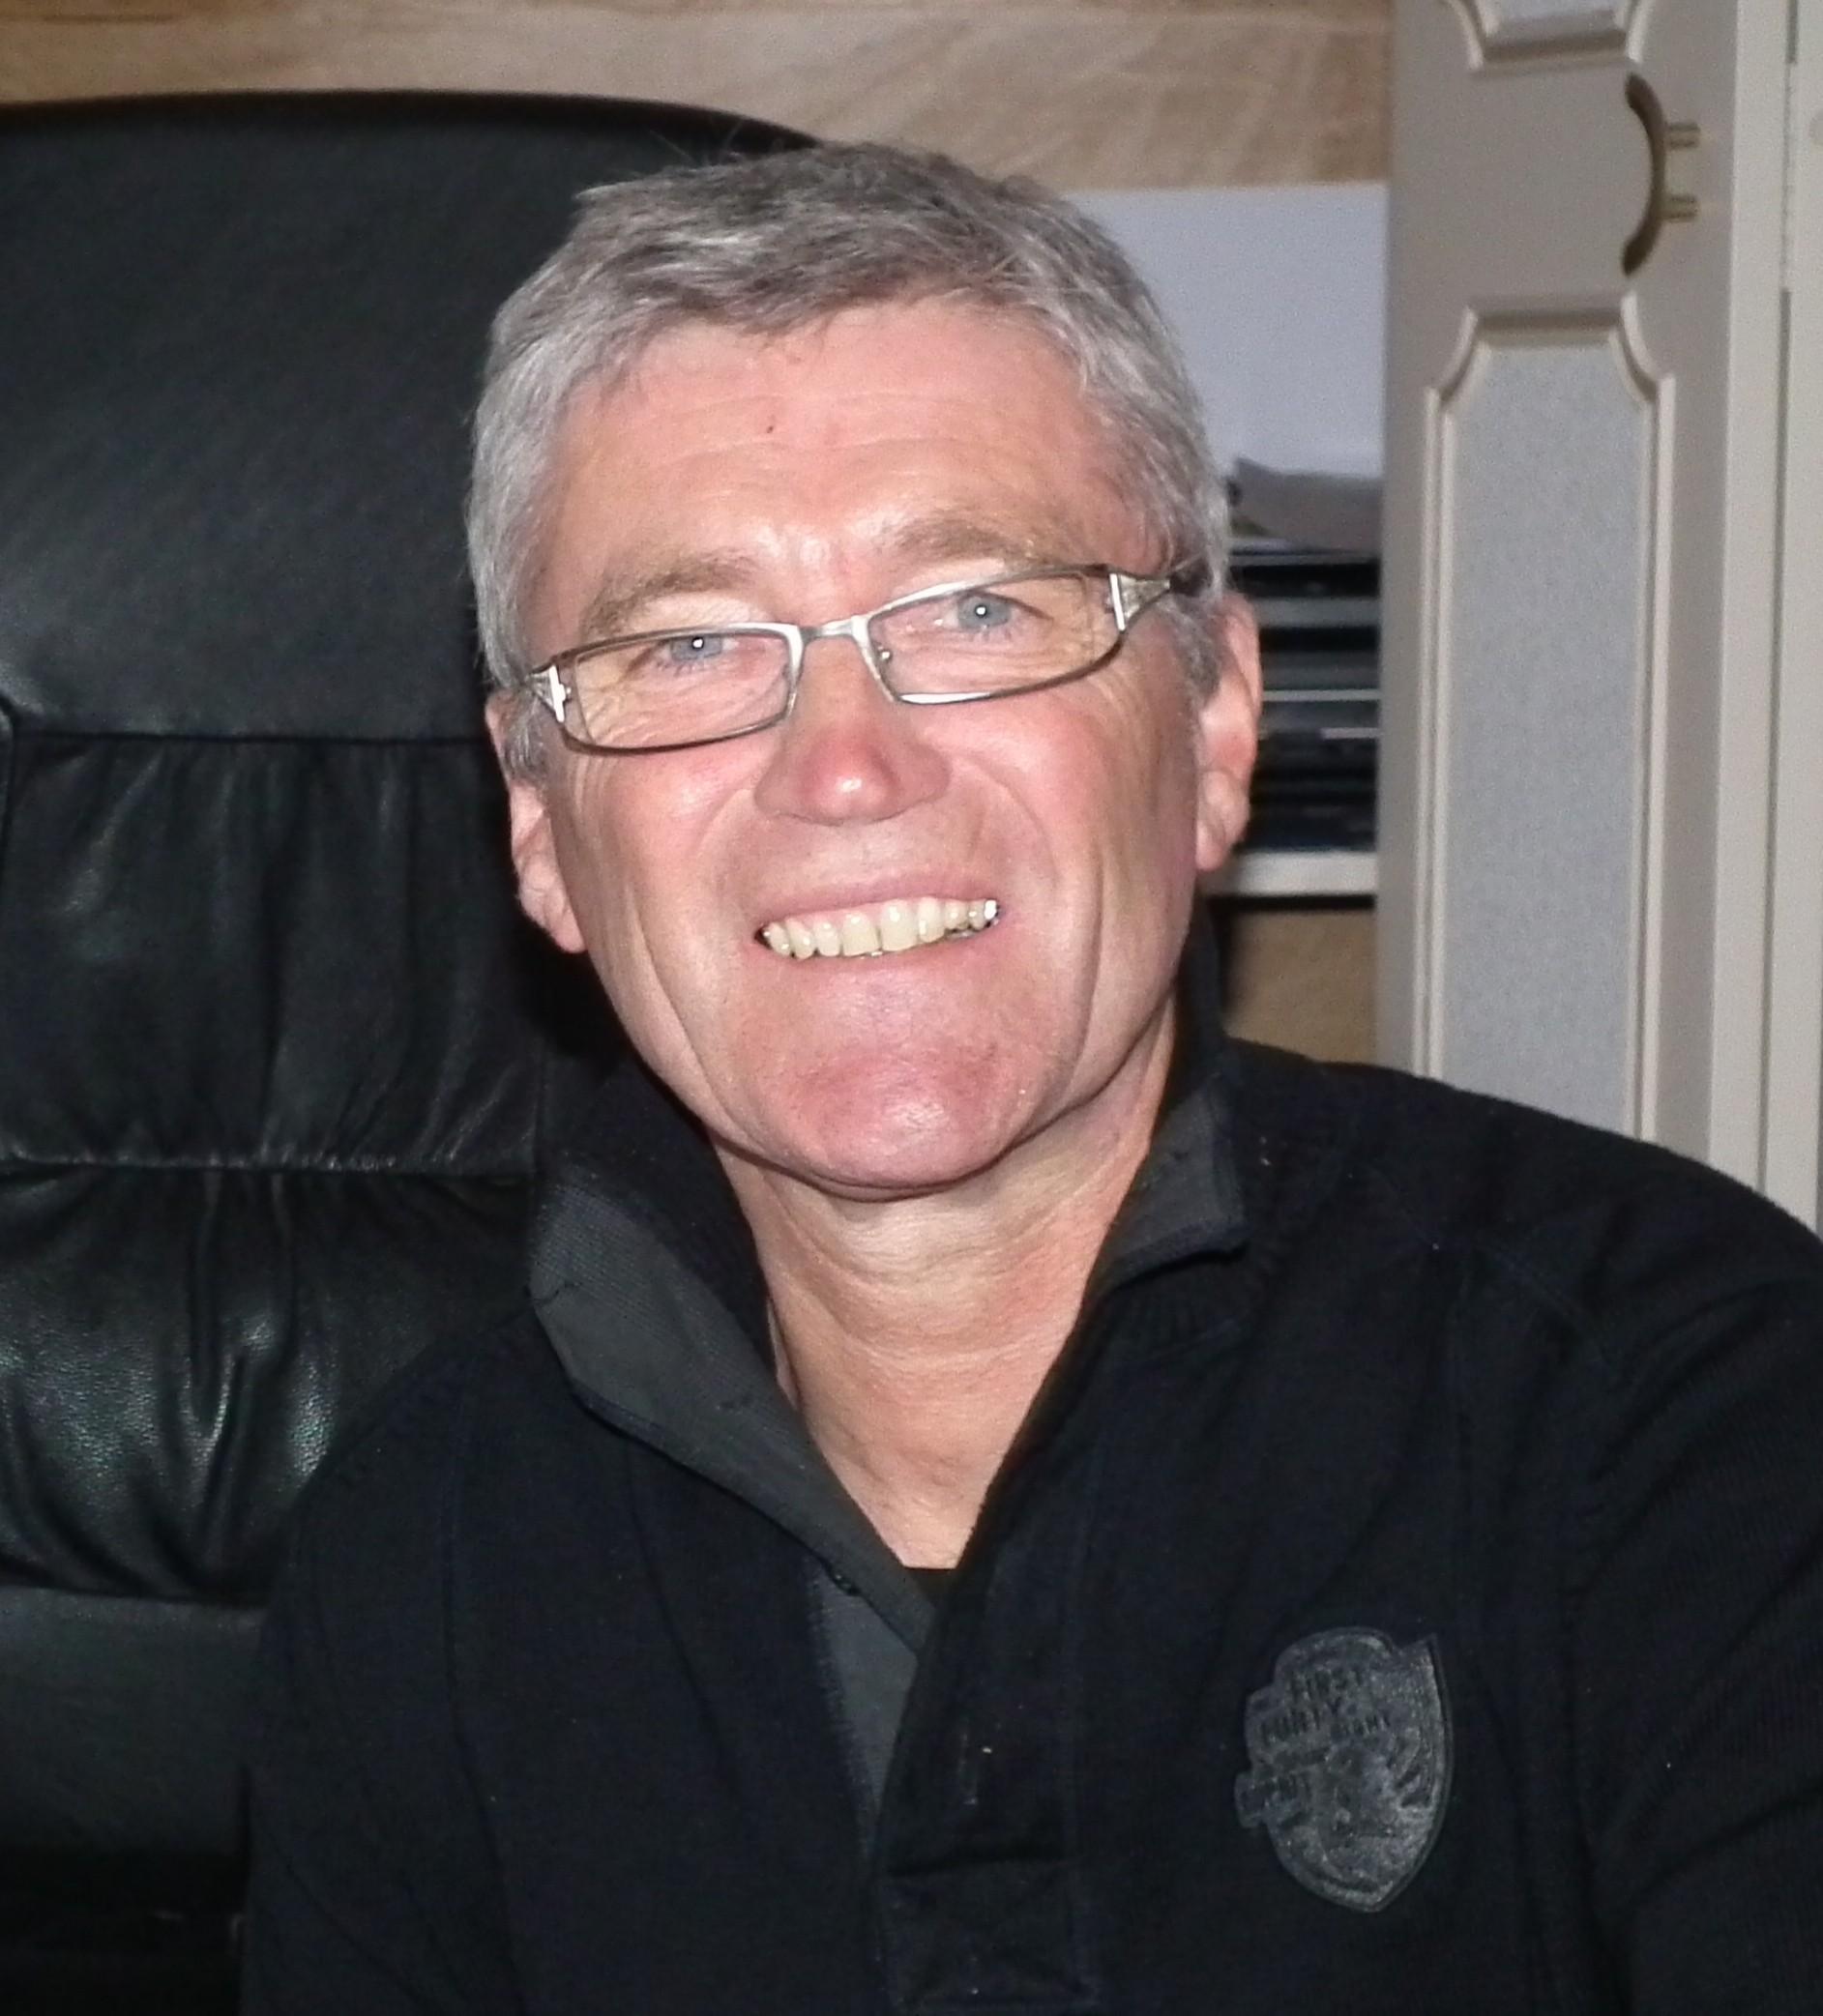 Richard Liétaer